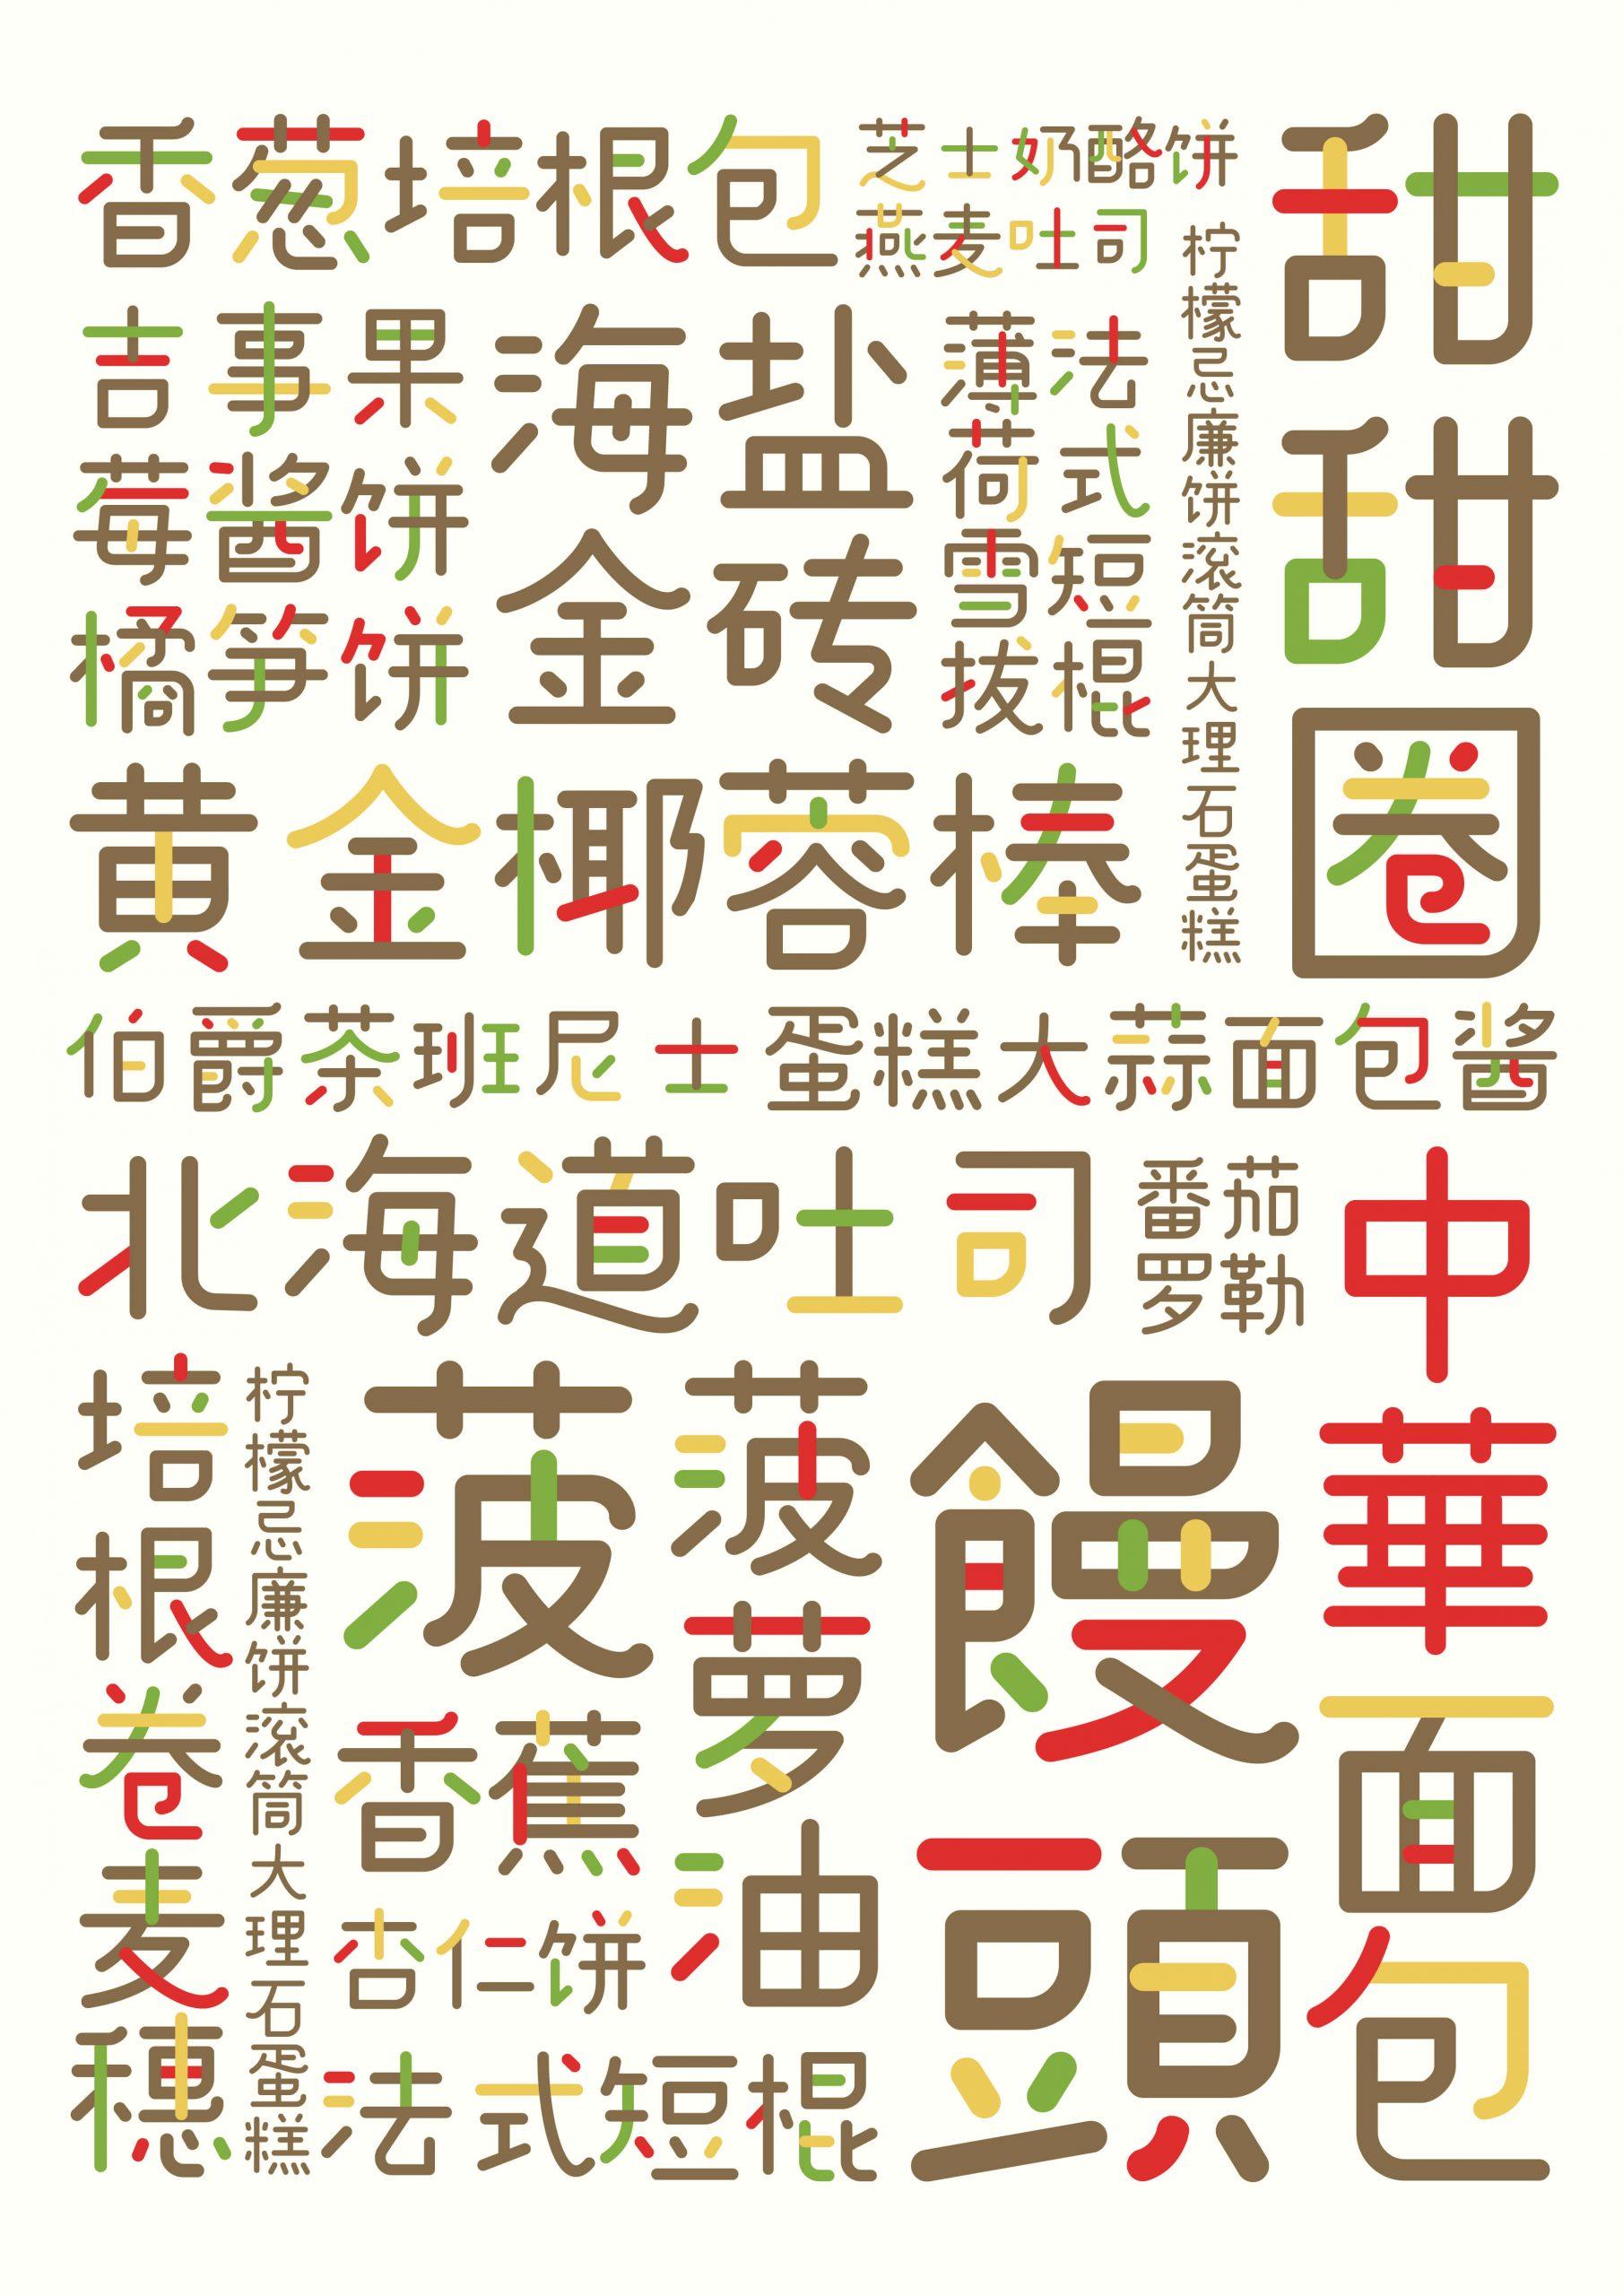 喜鹊乌冬面体(简+繁体) regular